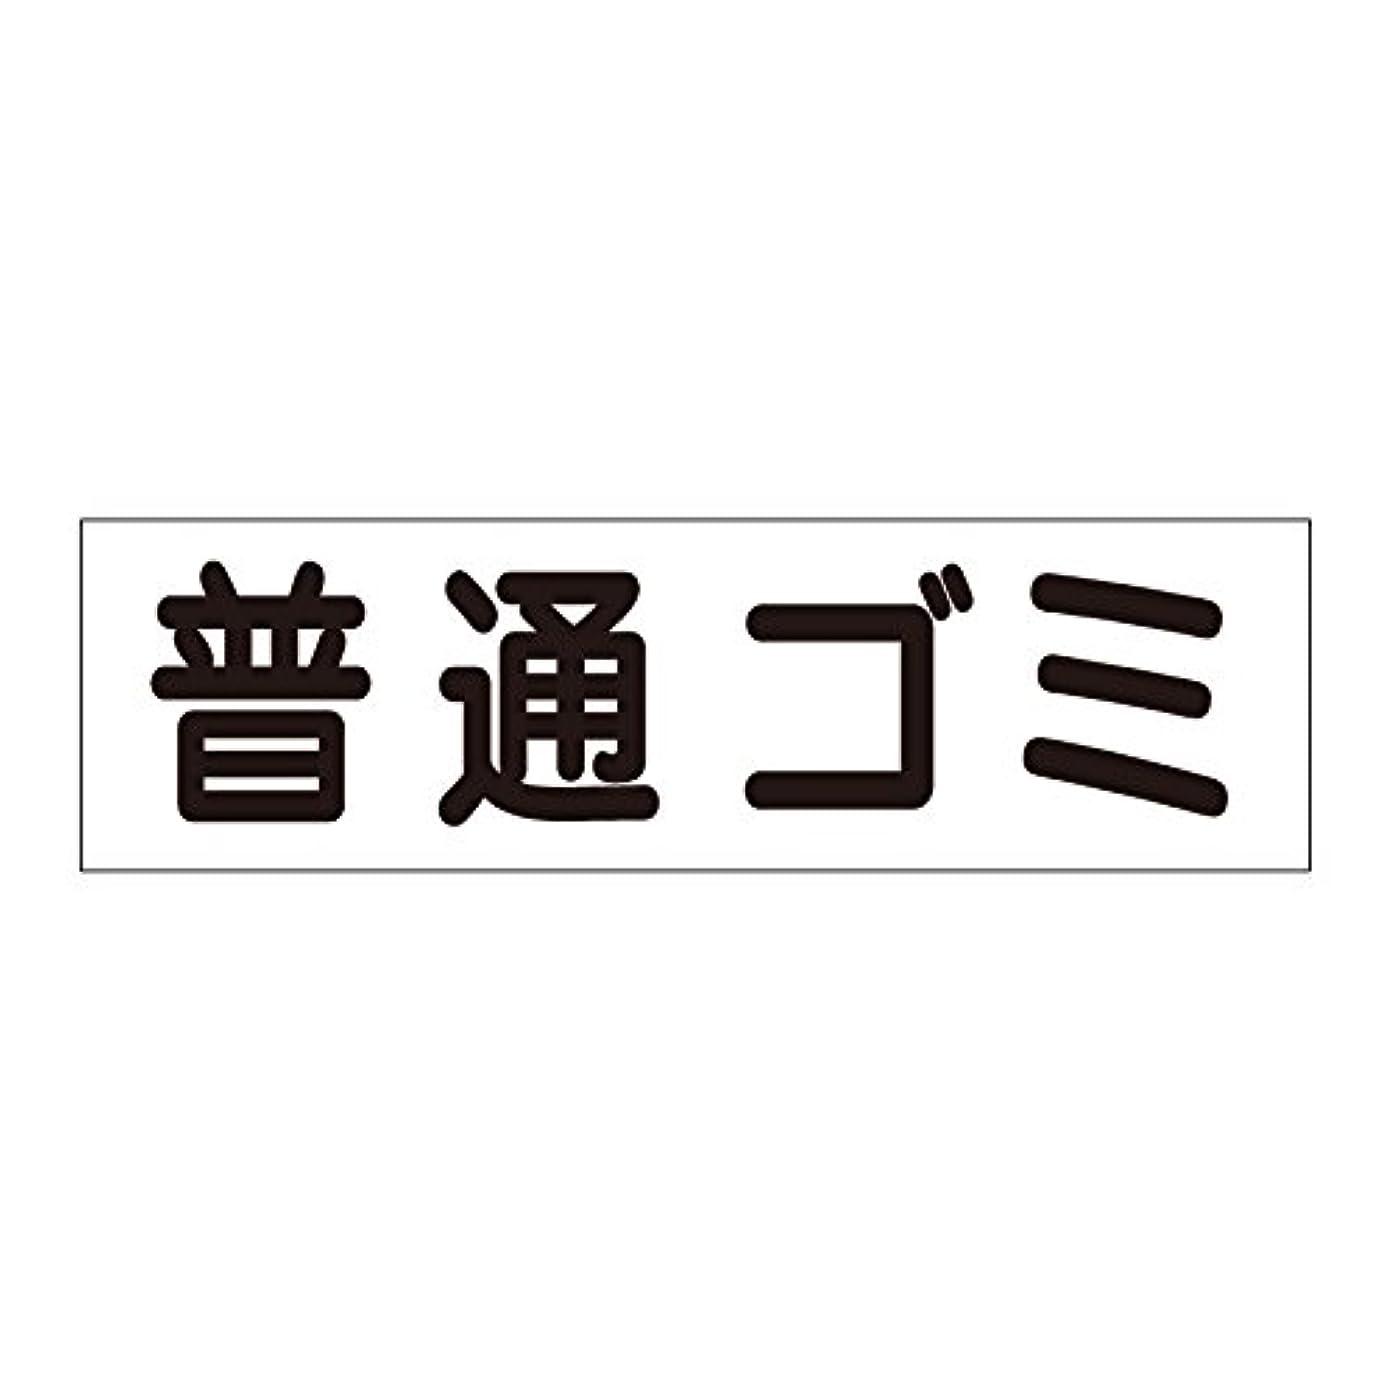 一見マングル化粧【普通ゴミ】ステッカーW280×H80 mop-26sty